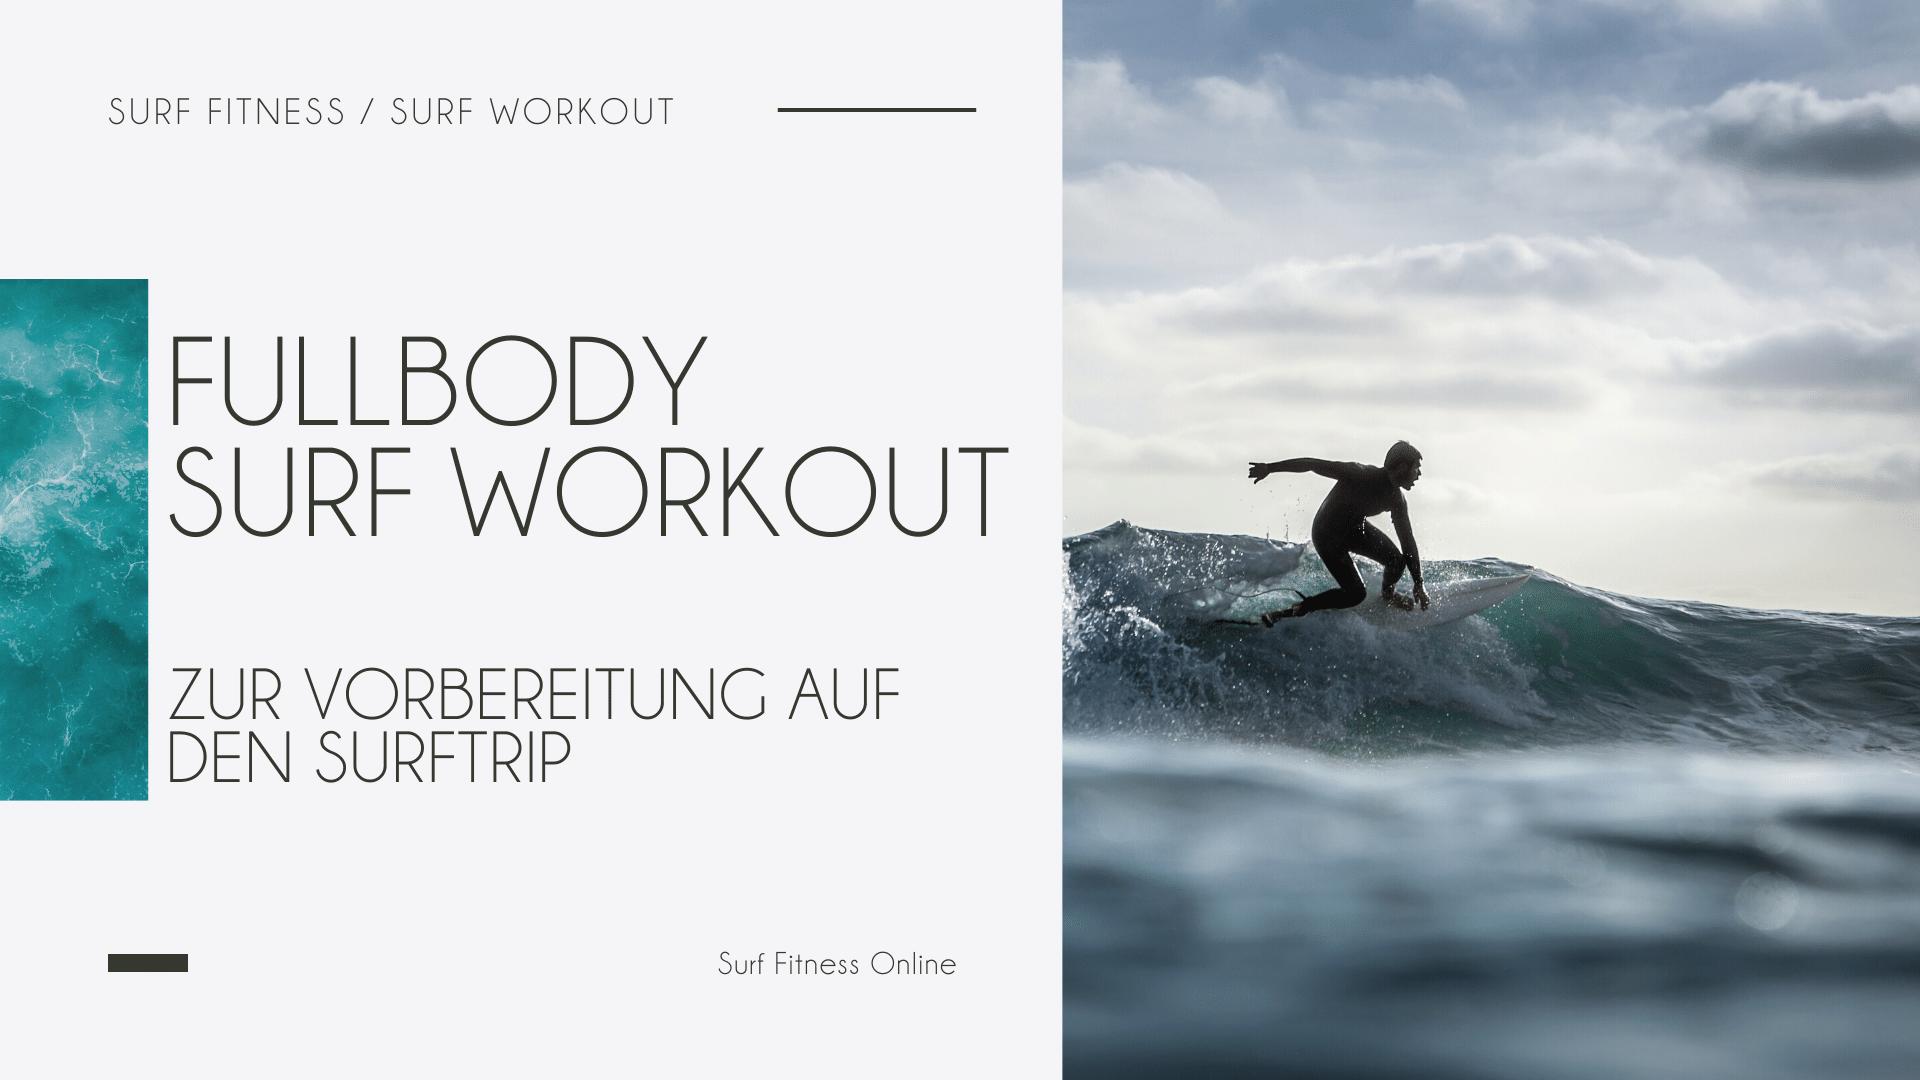 Fullbody Surfworkout zur Vorbereitung auf den Surftrip | Surf Fitness HIIT 1